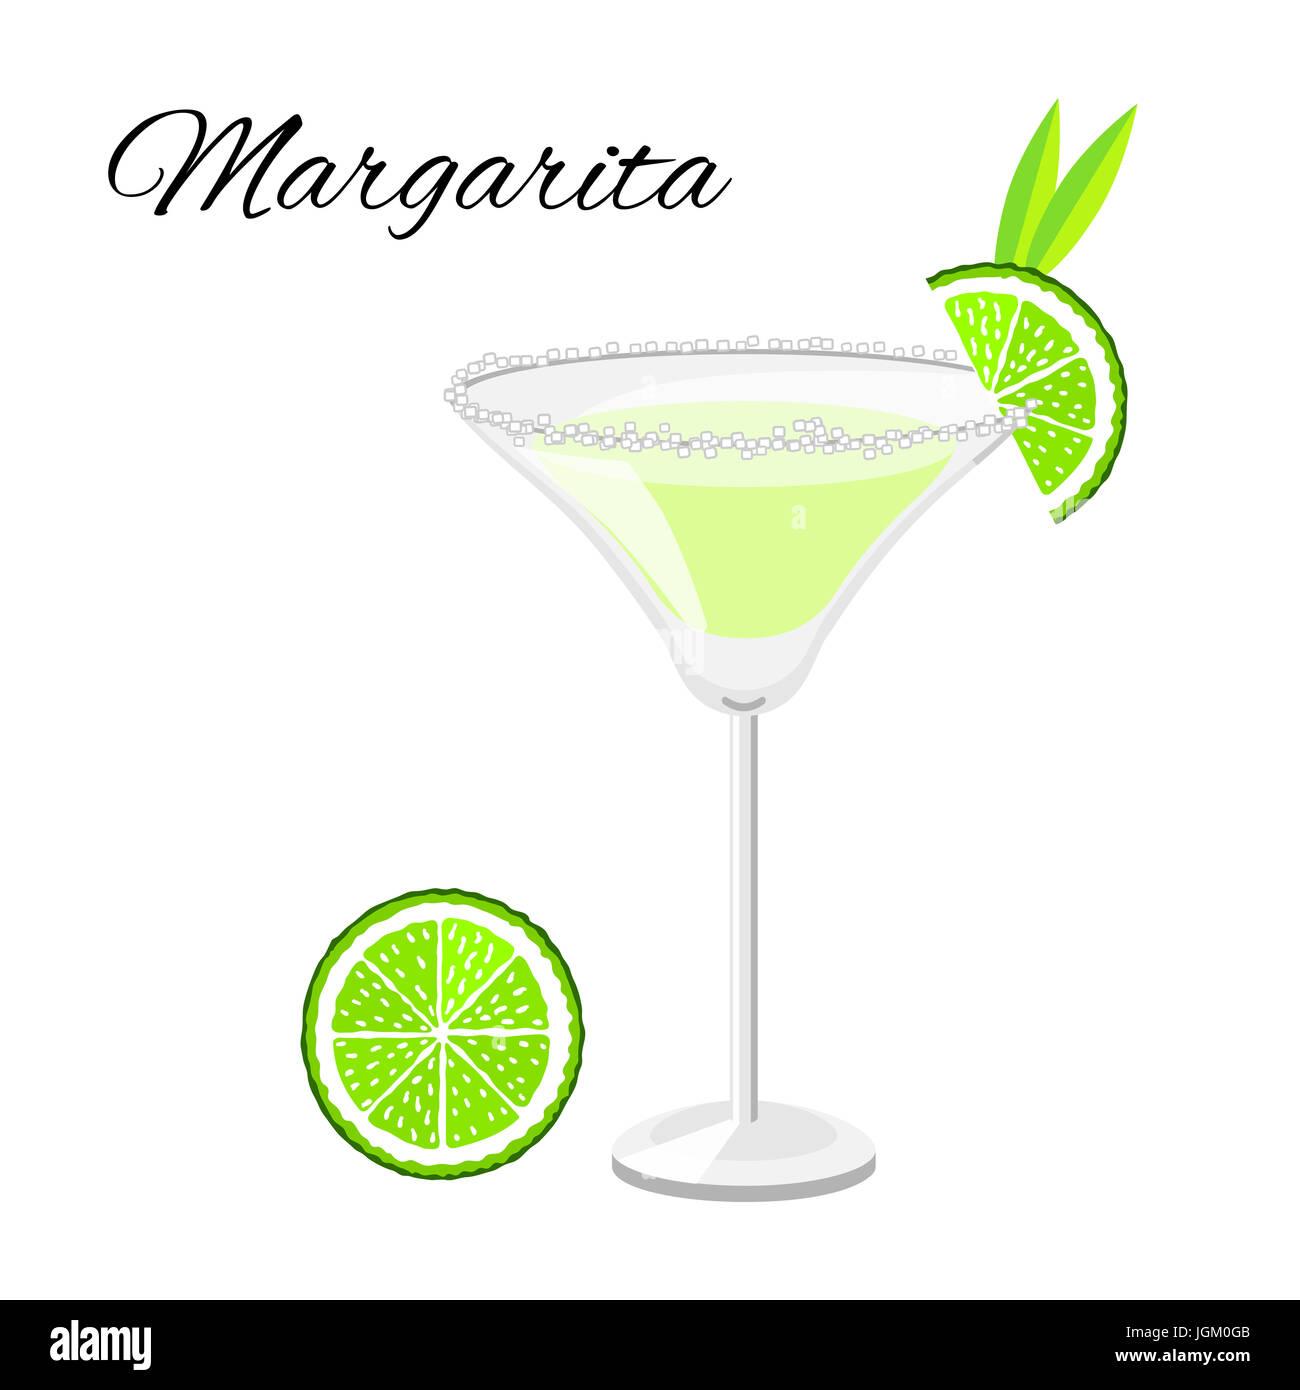 Extraordinary Beliebte Cocktails The Best Of Margarita Cocktail Cartoon-stil. Sommer-longdrink Isoliert Auf Weiss